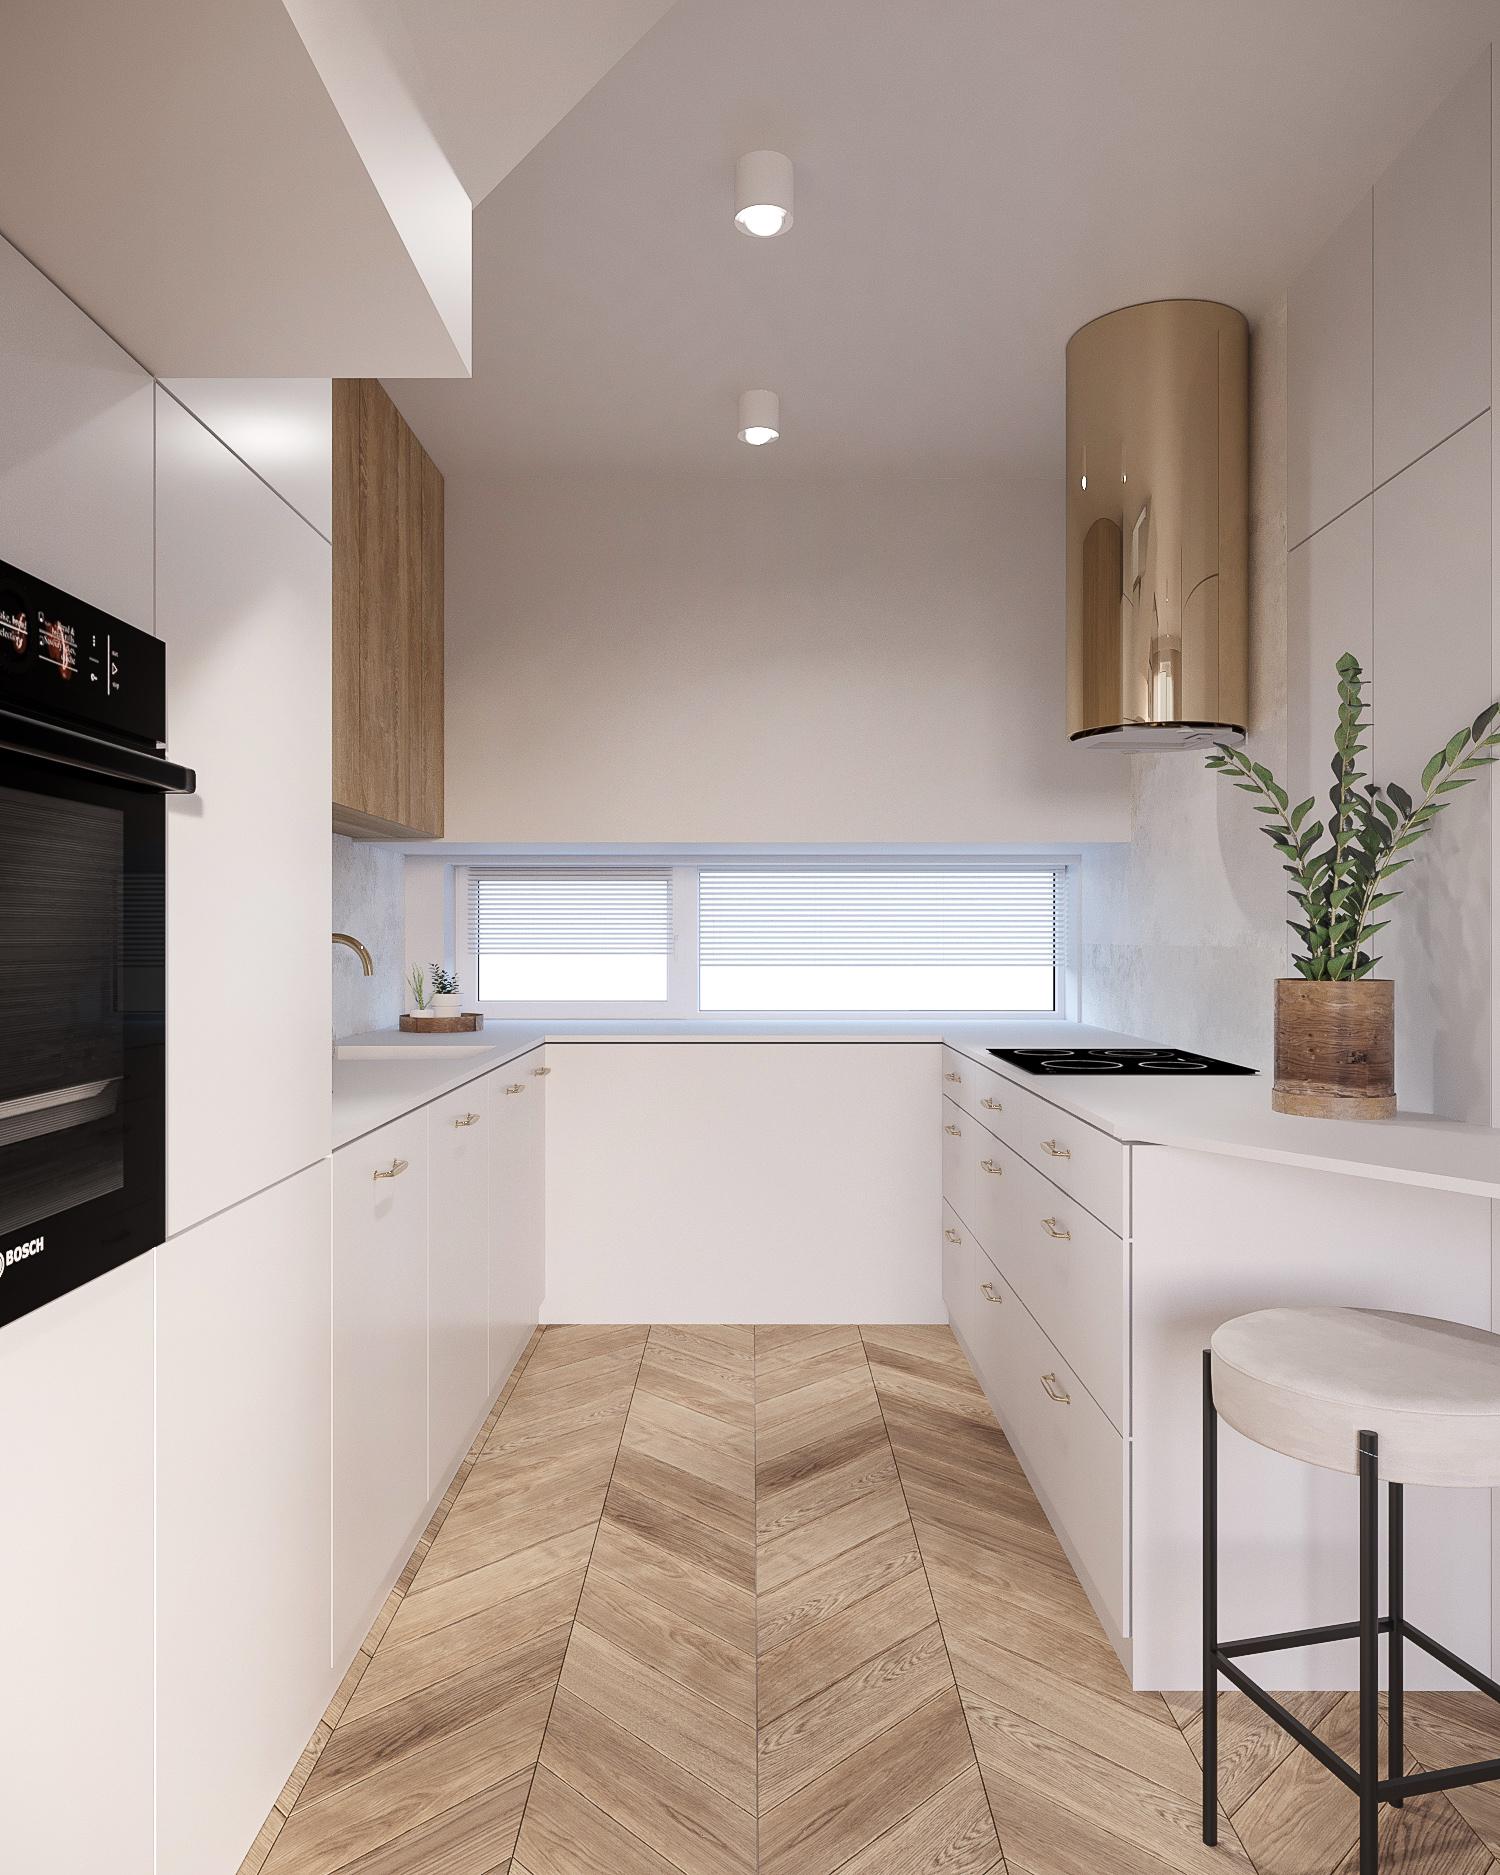 6 projektant wnetrz 482 mieszkanie krakow kuchnia parkiet w jodelke biale meble zloty okap blat z hokerem